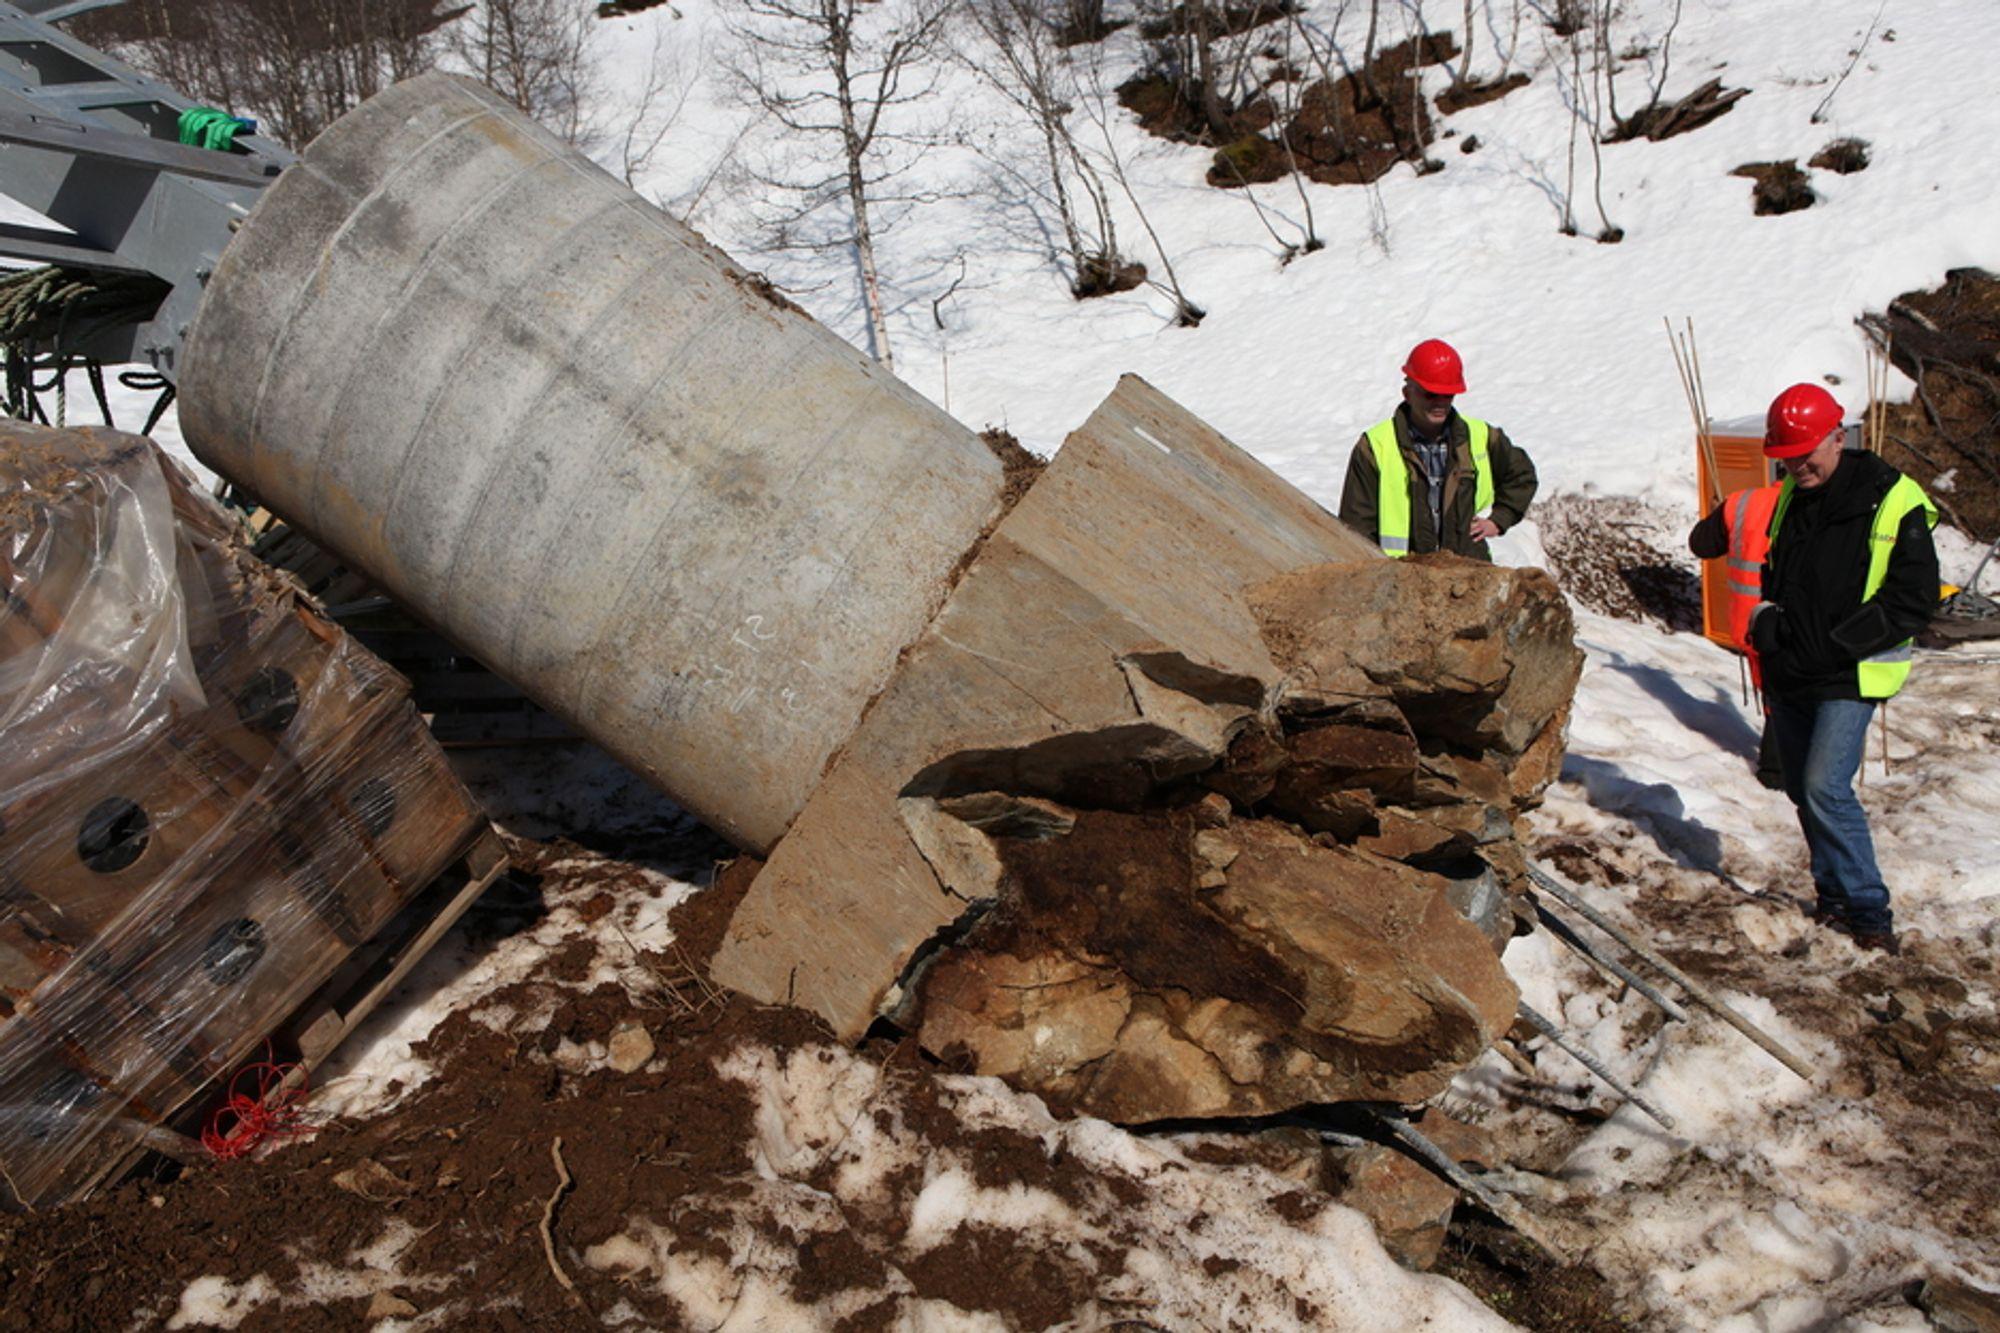 MONSTERHAVARI: En av mastene havarerte for det kroatiske selskapet Dalekovod, som bygger ny høyspentlinje mellom Sauda og Liastølen for Statnett. På bildet ser vi Geir Bruun, som er seksjonsleder for mekanisk prosjektering i Statnett, og sivilingeniør John Petter Sivertsen i Statnett.